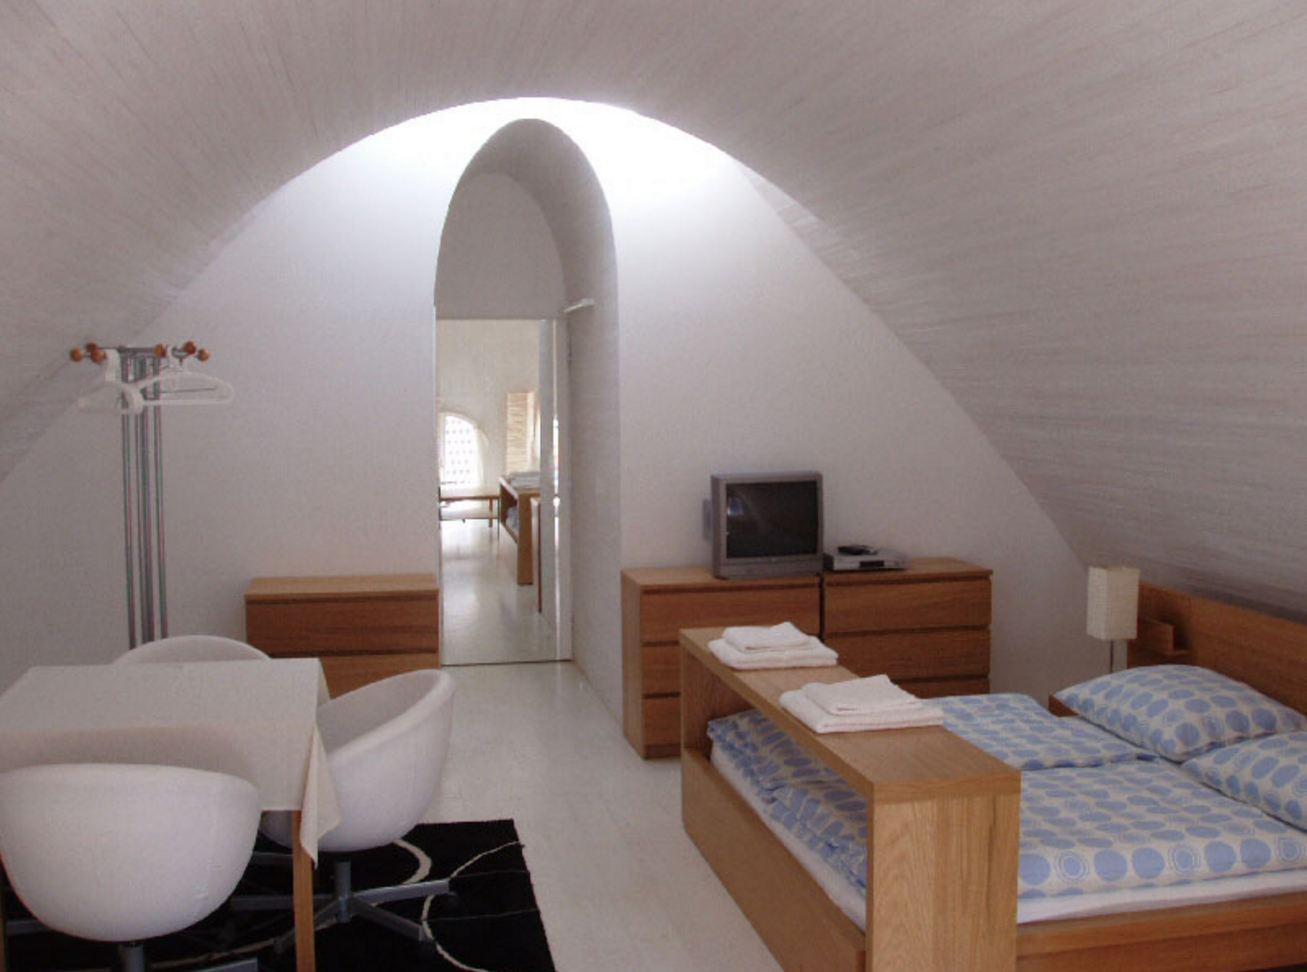 Design Hotel Besídka Slavonice je místem pro všechny činorodé lidi